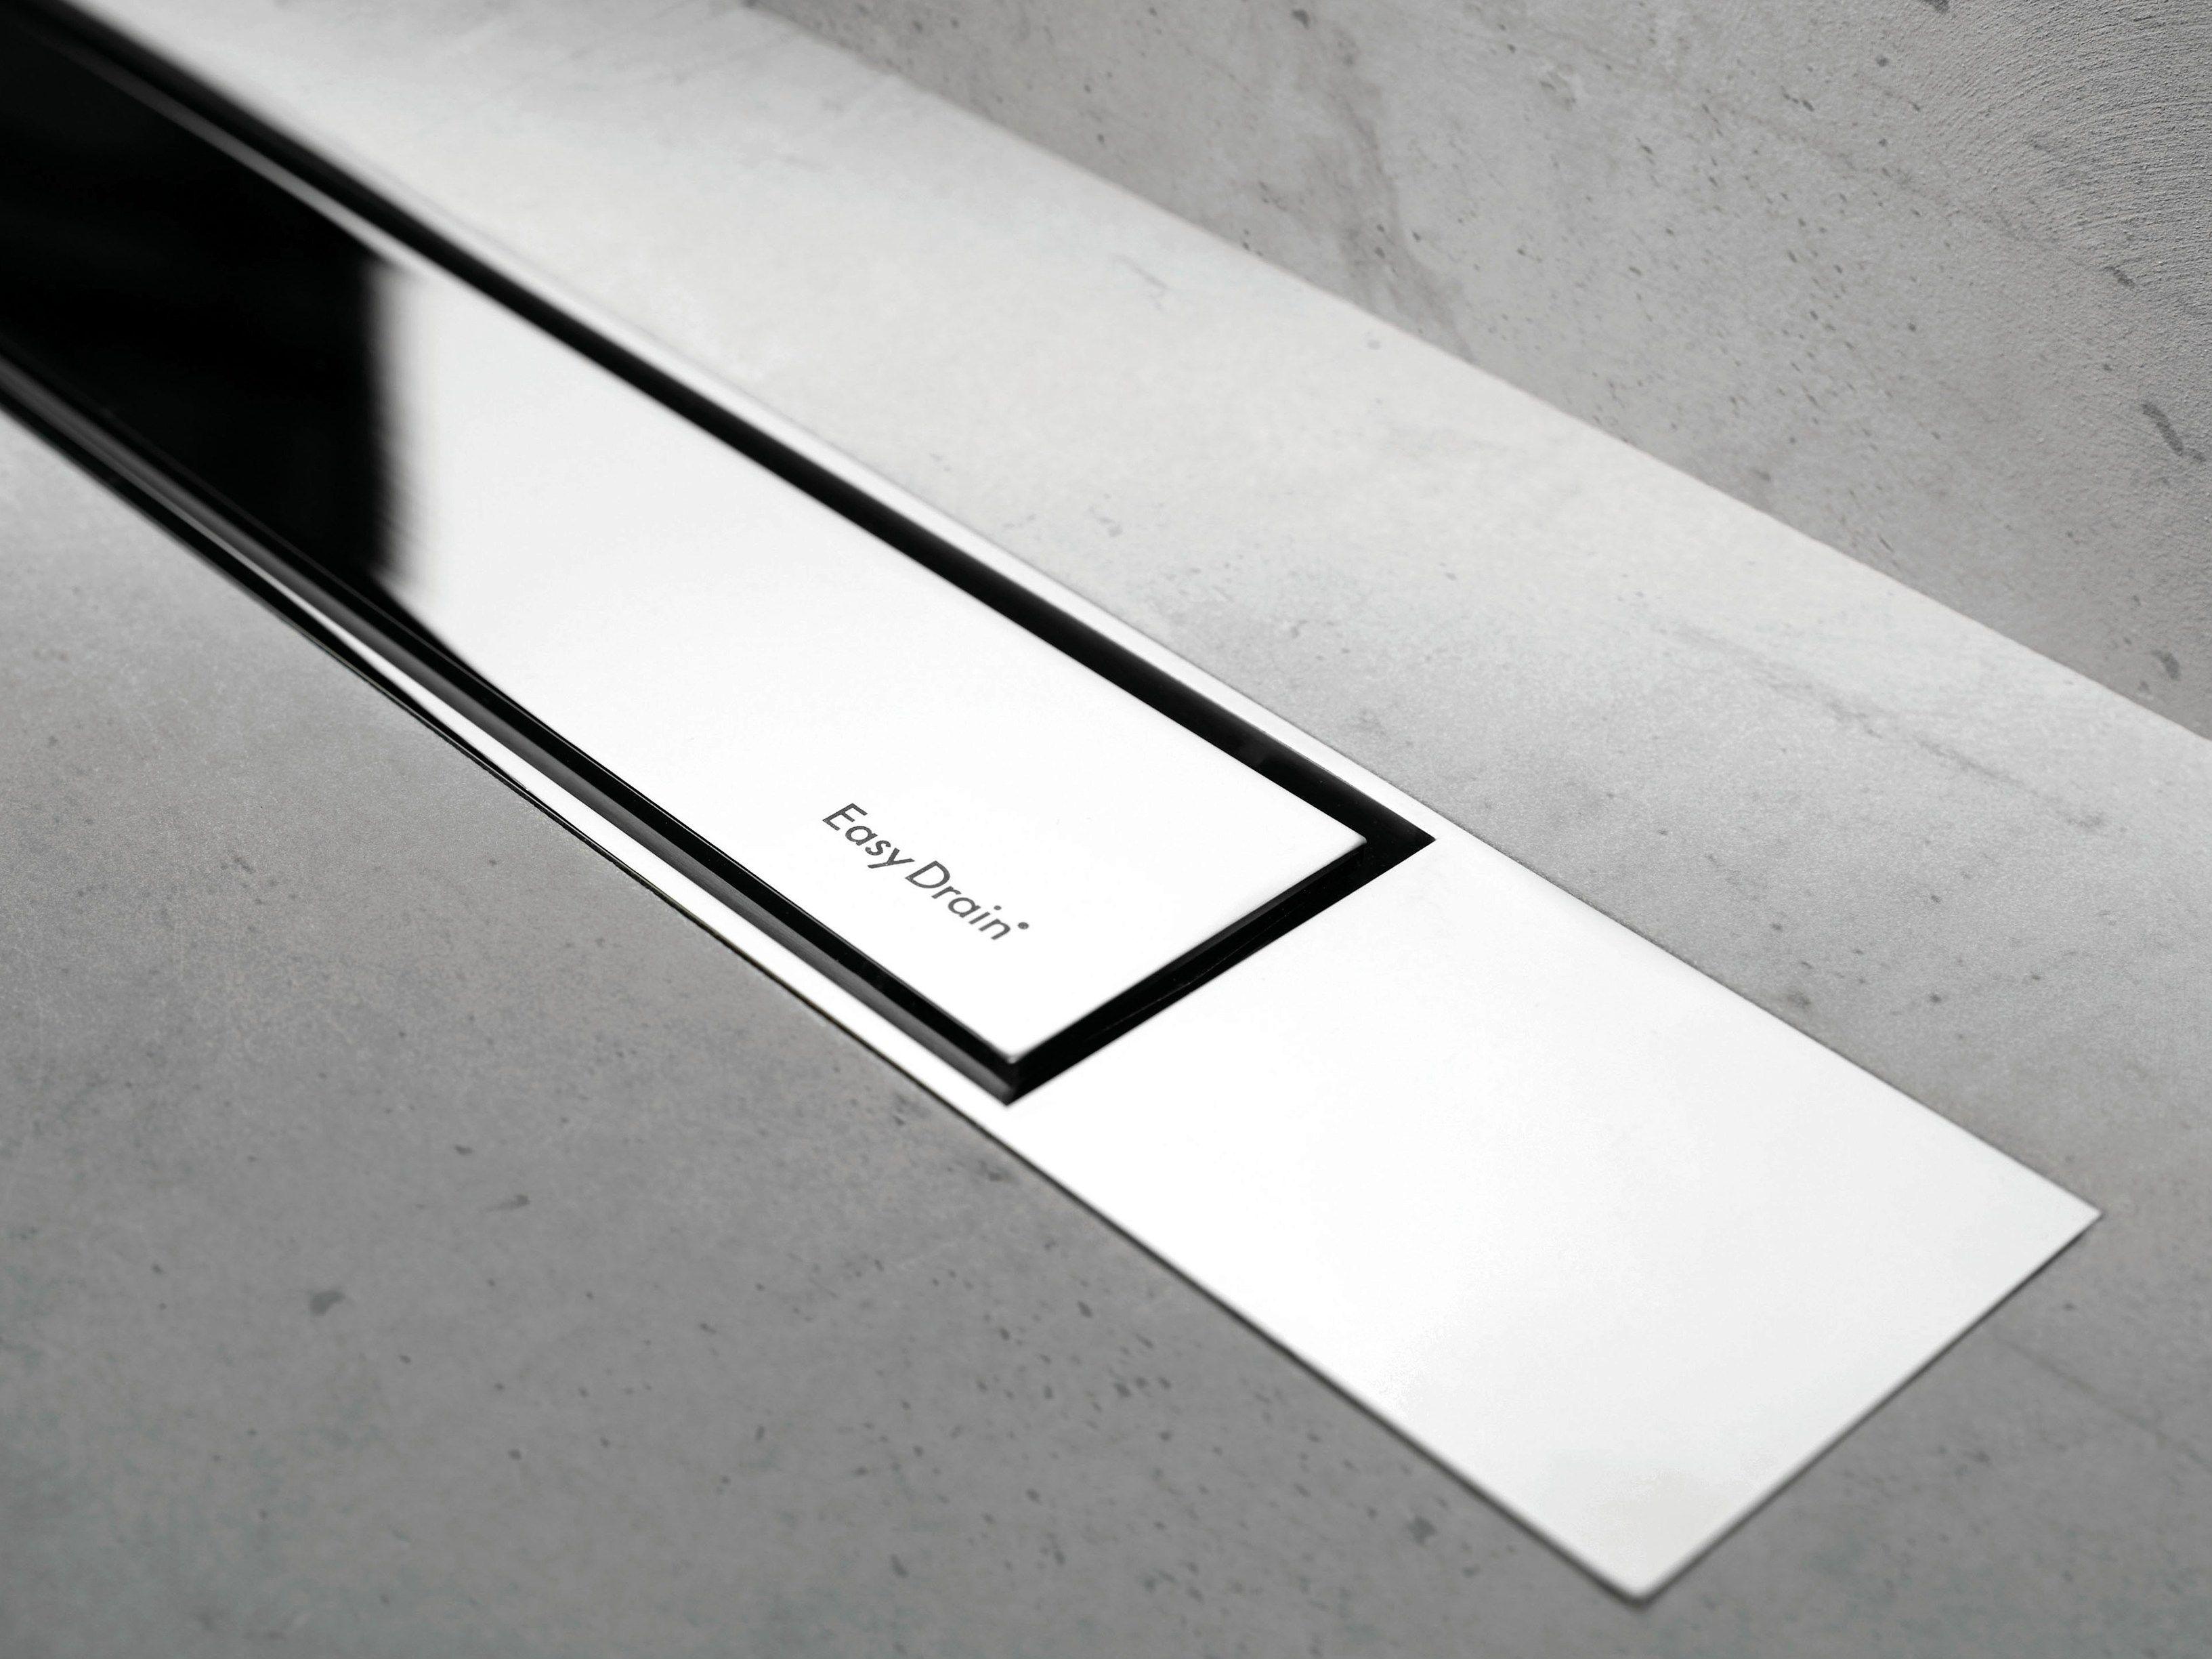 scarico per doccia modulo design z 2 lucido lucido by ess easy drain. Black Bedroom Furniture Sets. Home Design Ideas